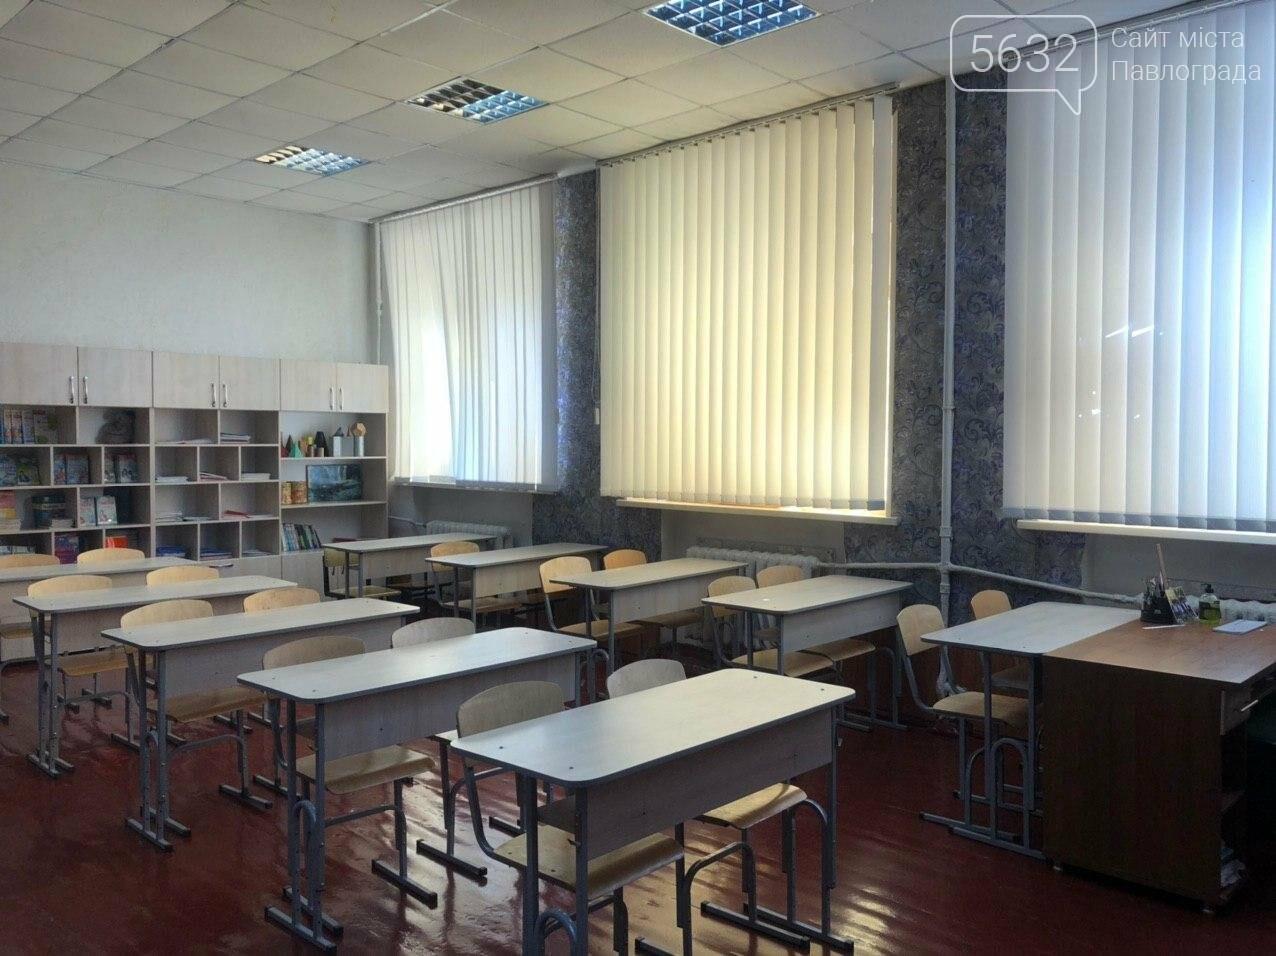 Санитайзеры и медицинские маски: как школы Павлограда готовятся к новому учебному году (ФОТО), фото-24